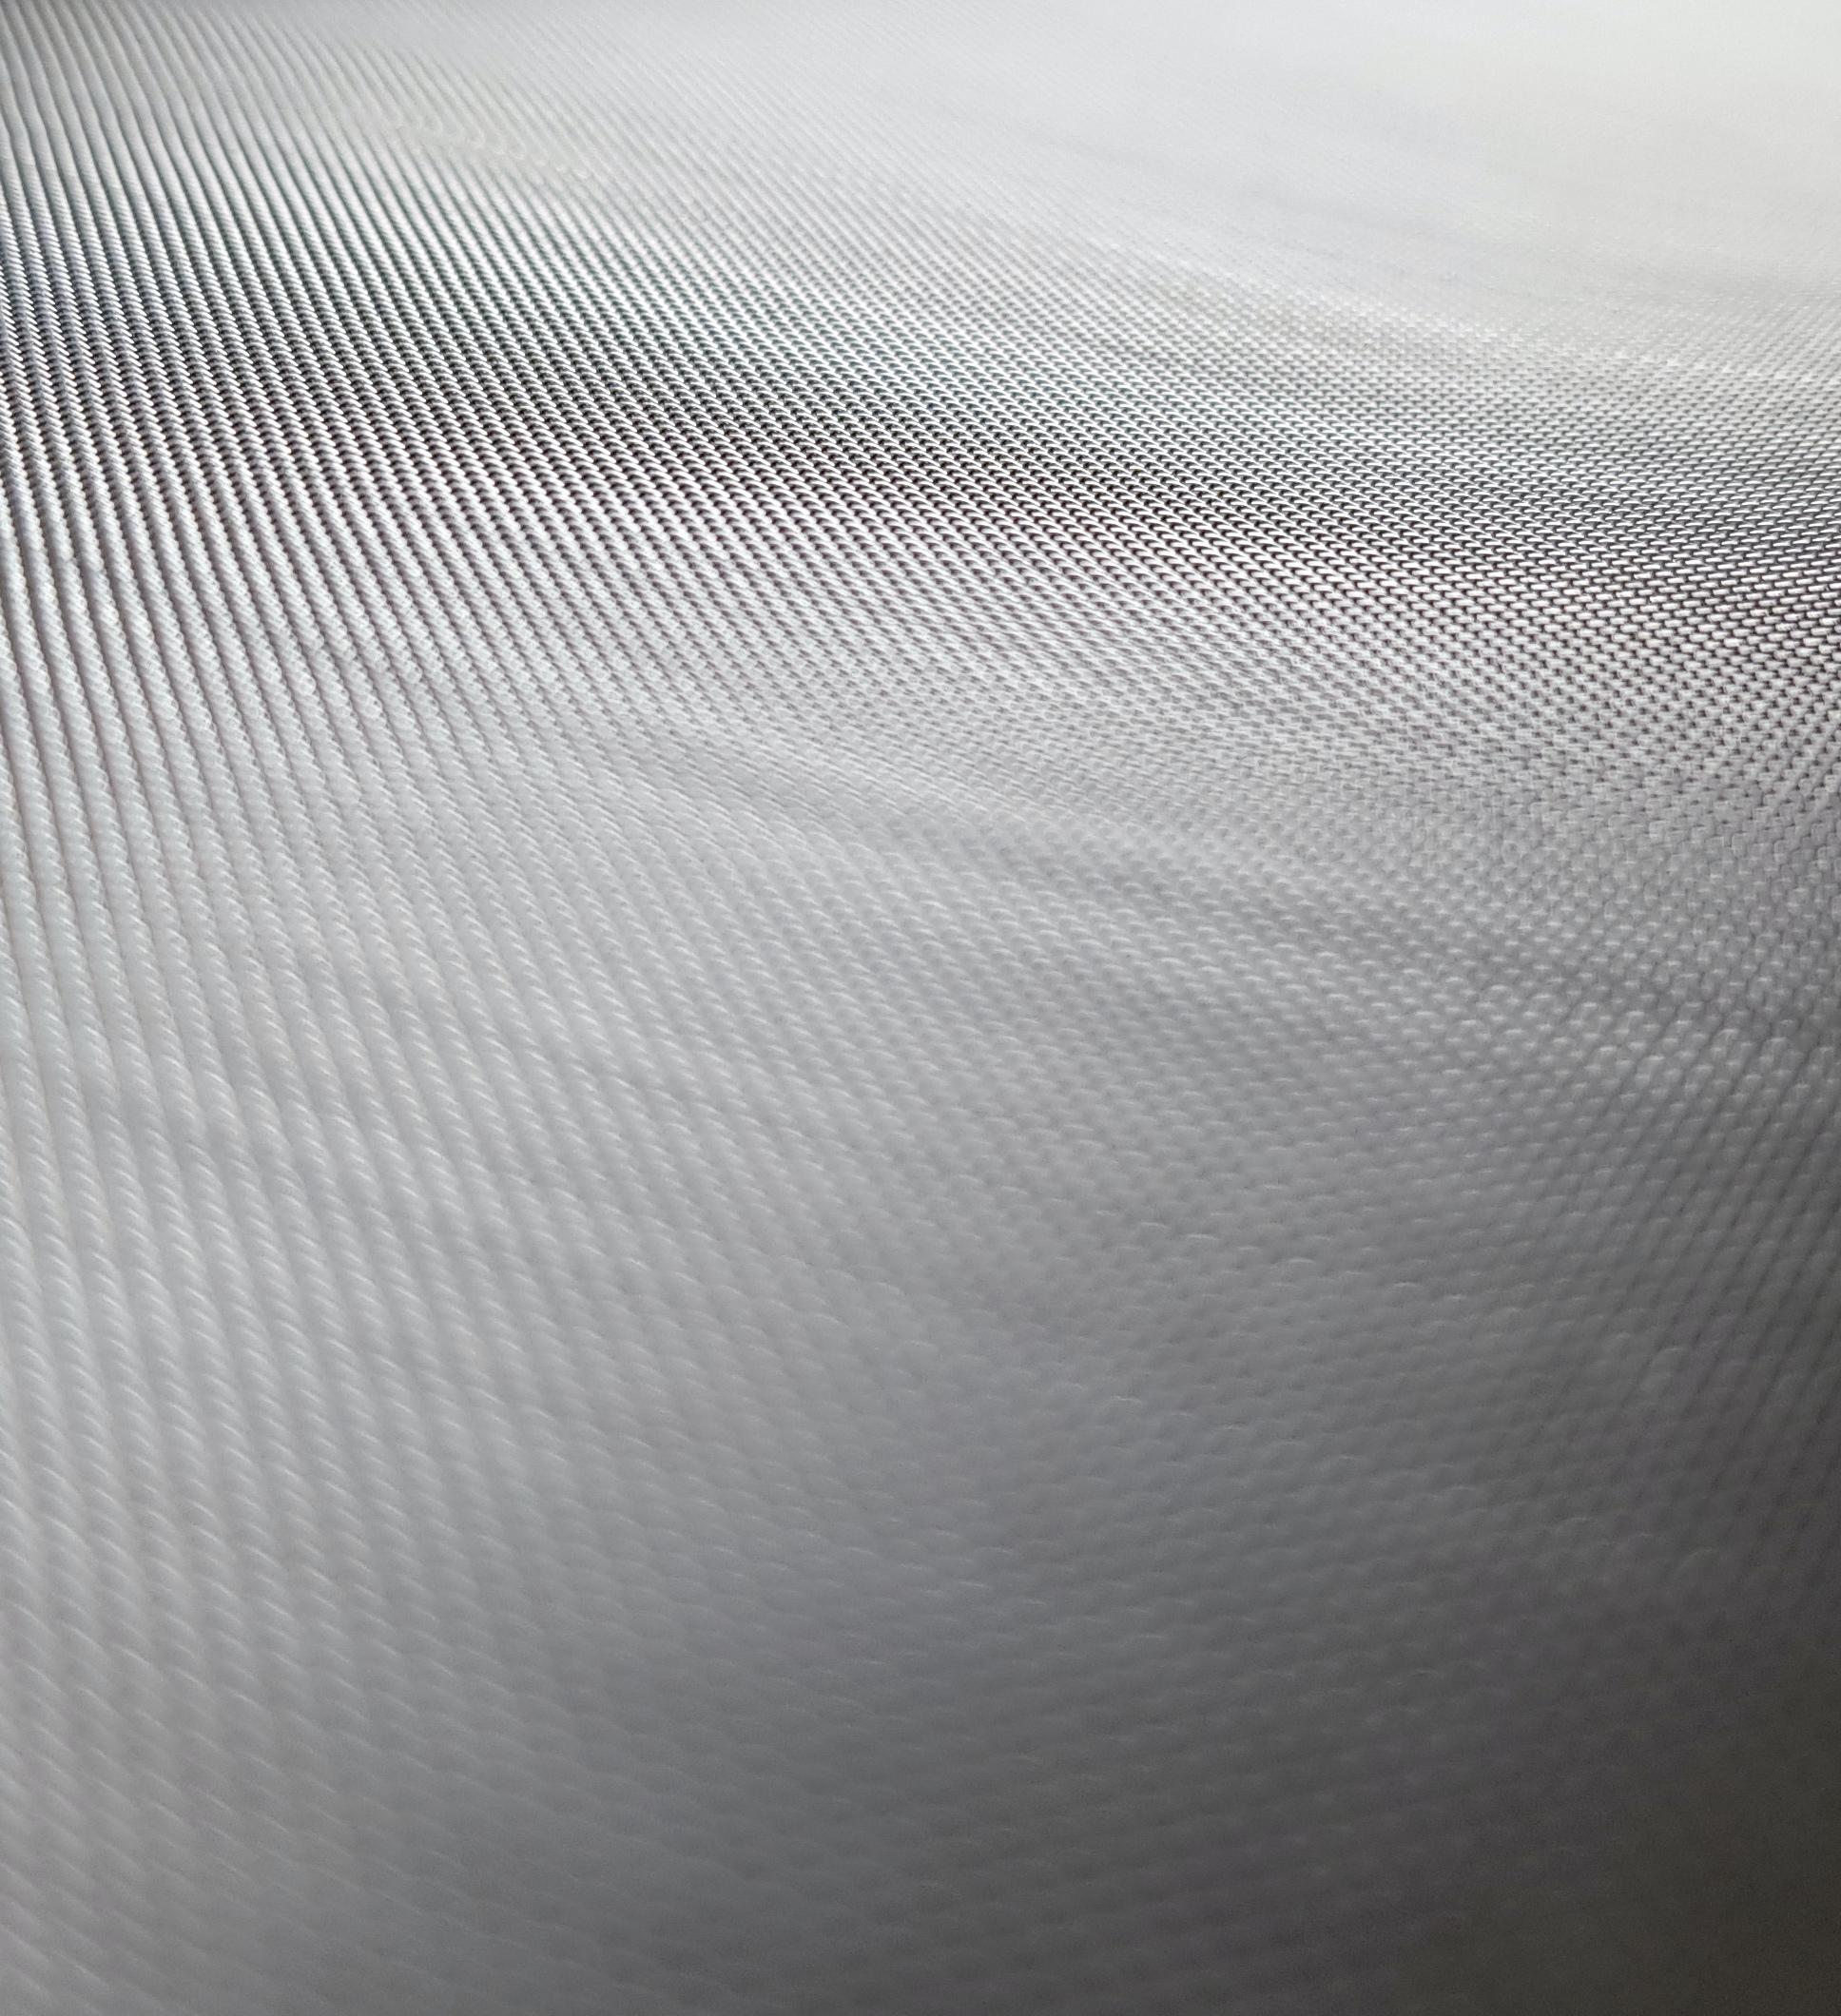 Tissu 316L inox